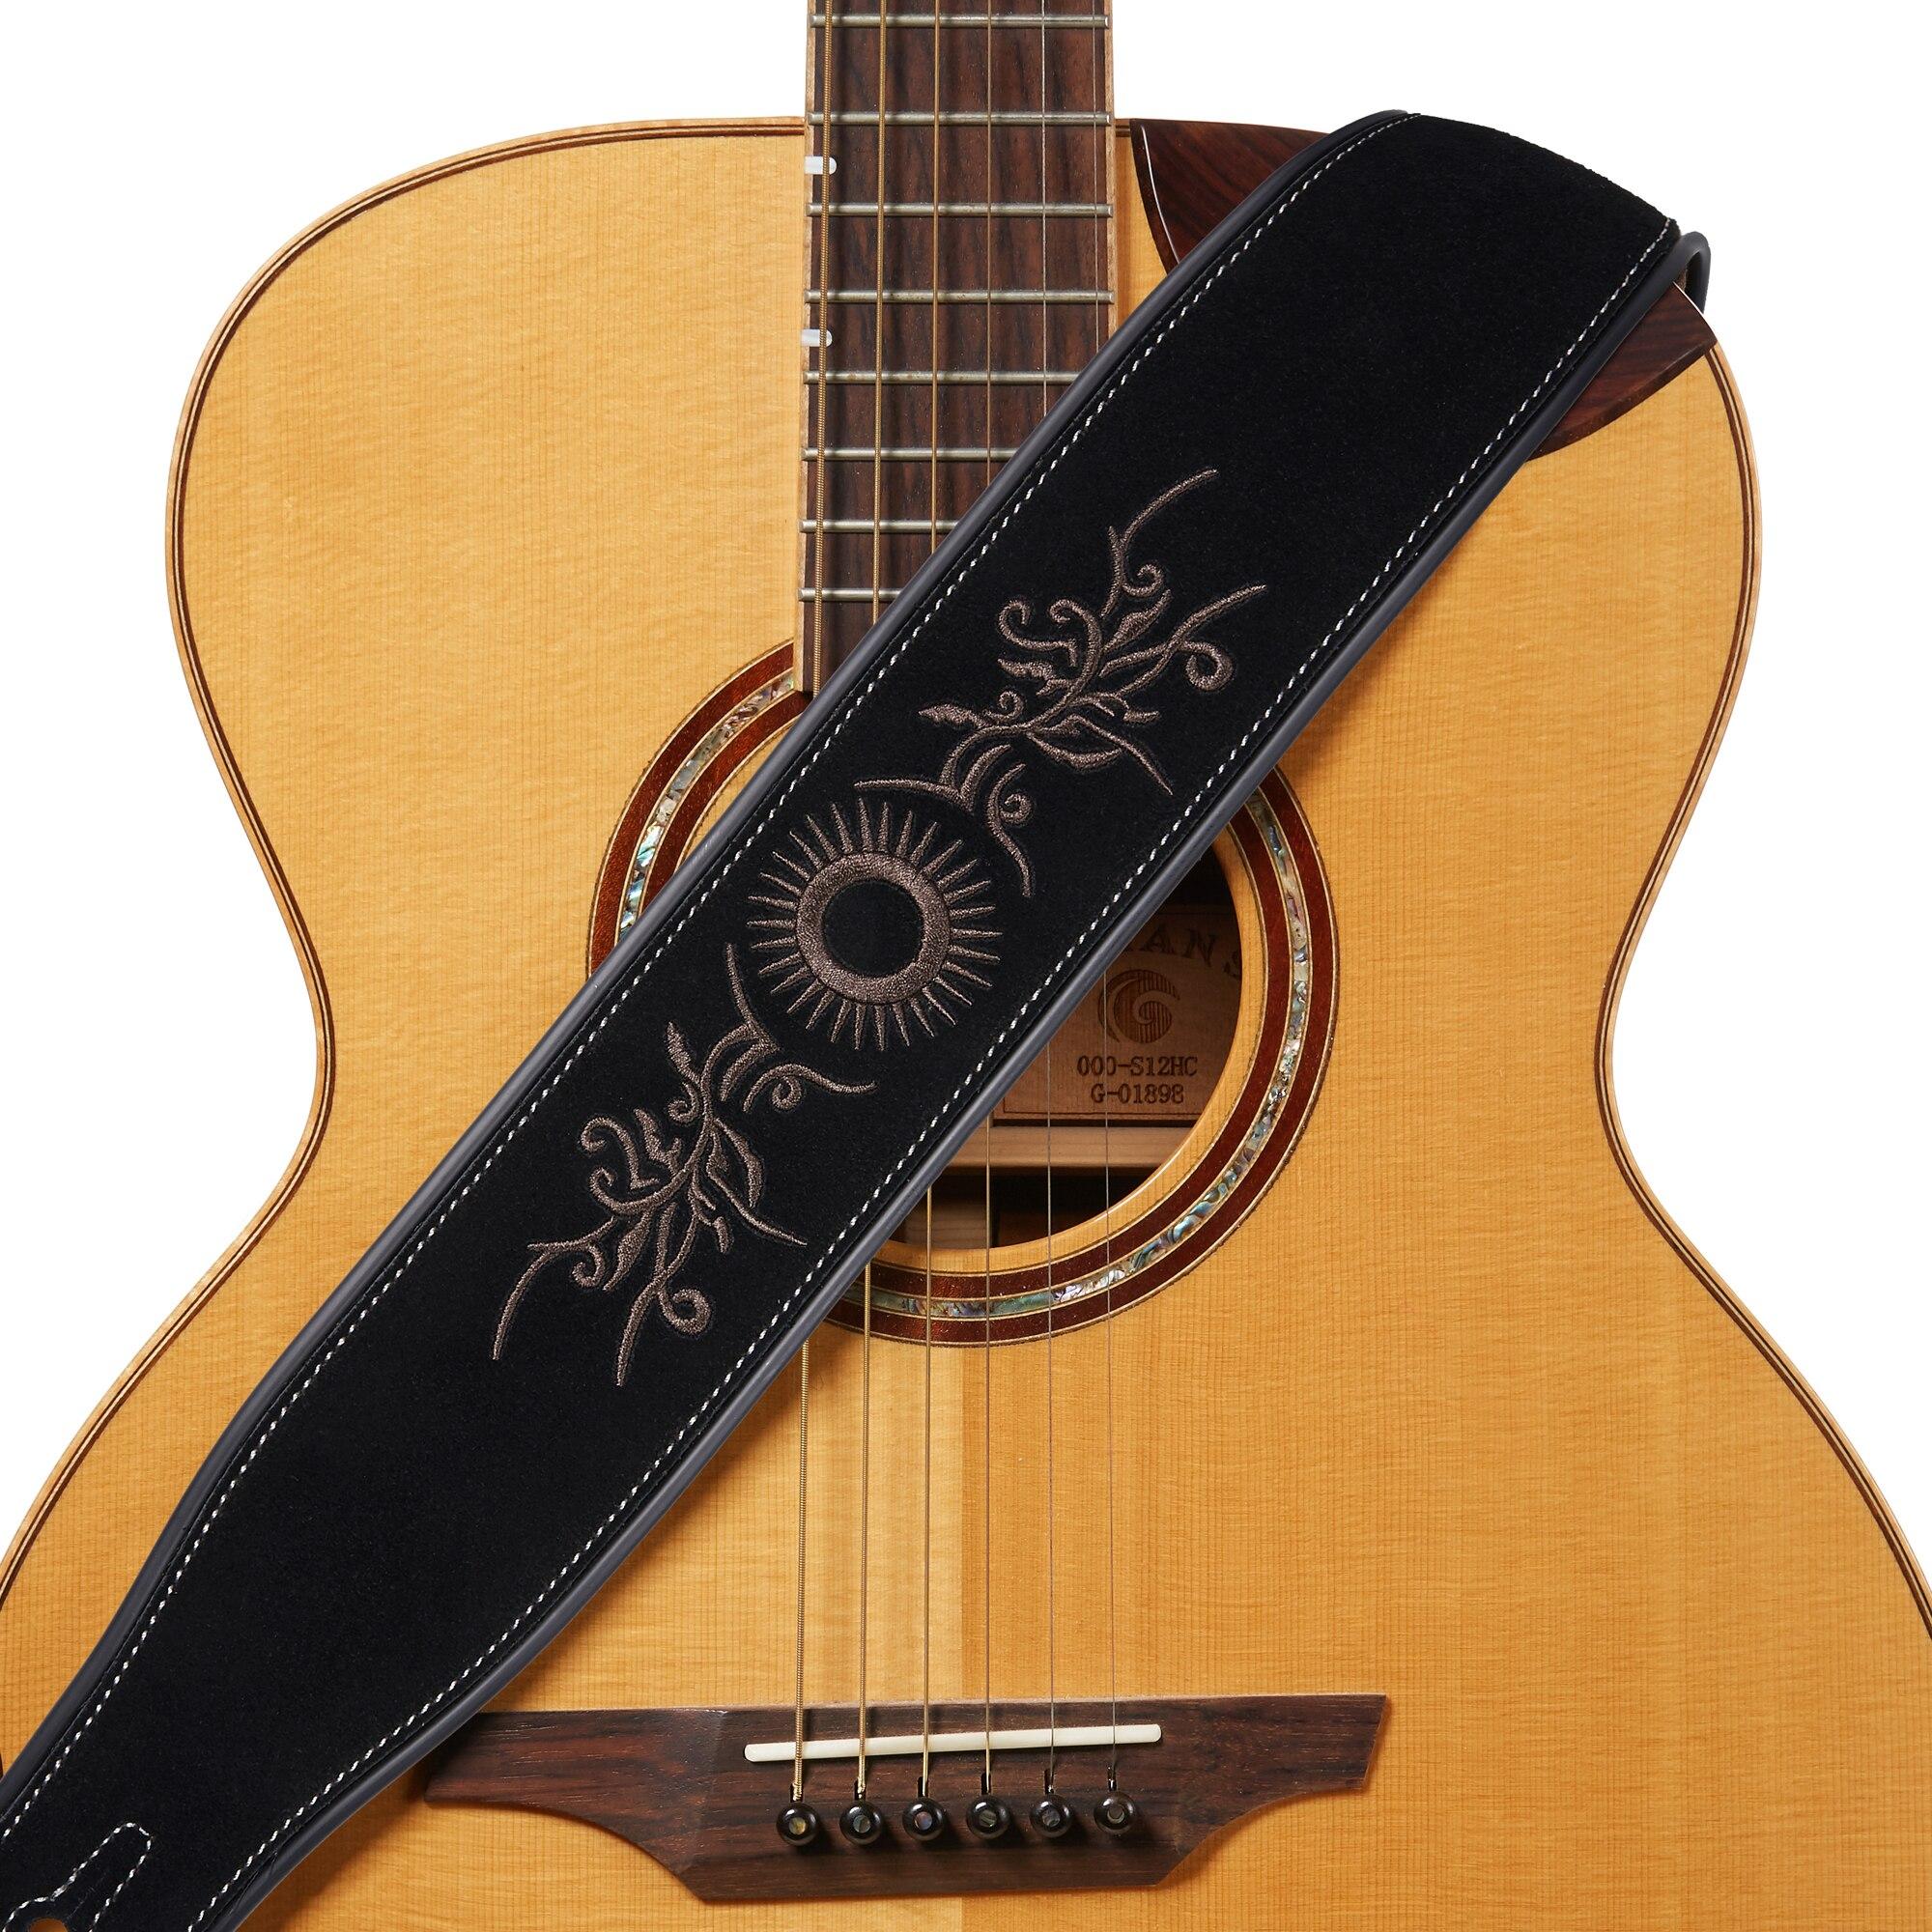 amumu tribal embroidered premium suede leather guitar strap black hj1134 adjustable length. Black Bedroom Furniture Sets. Home Design Ideas